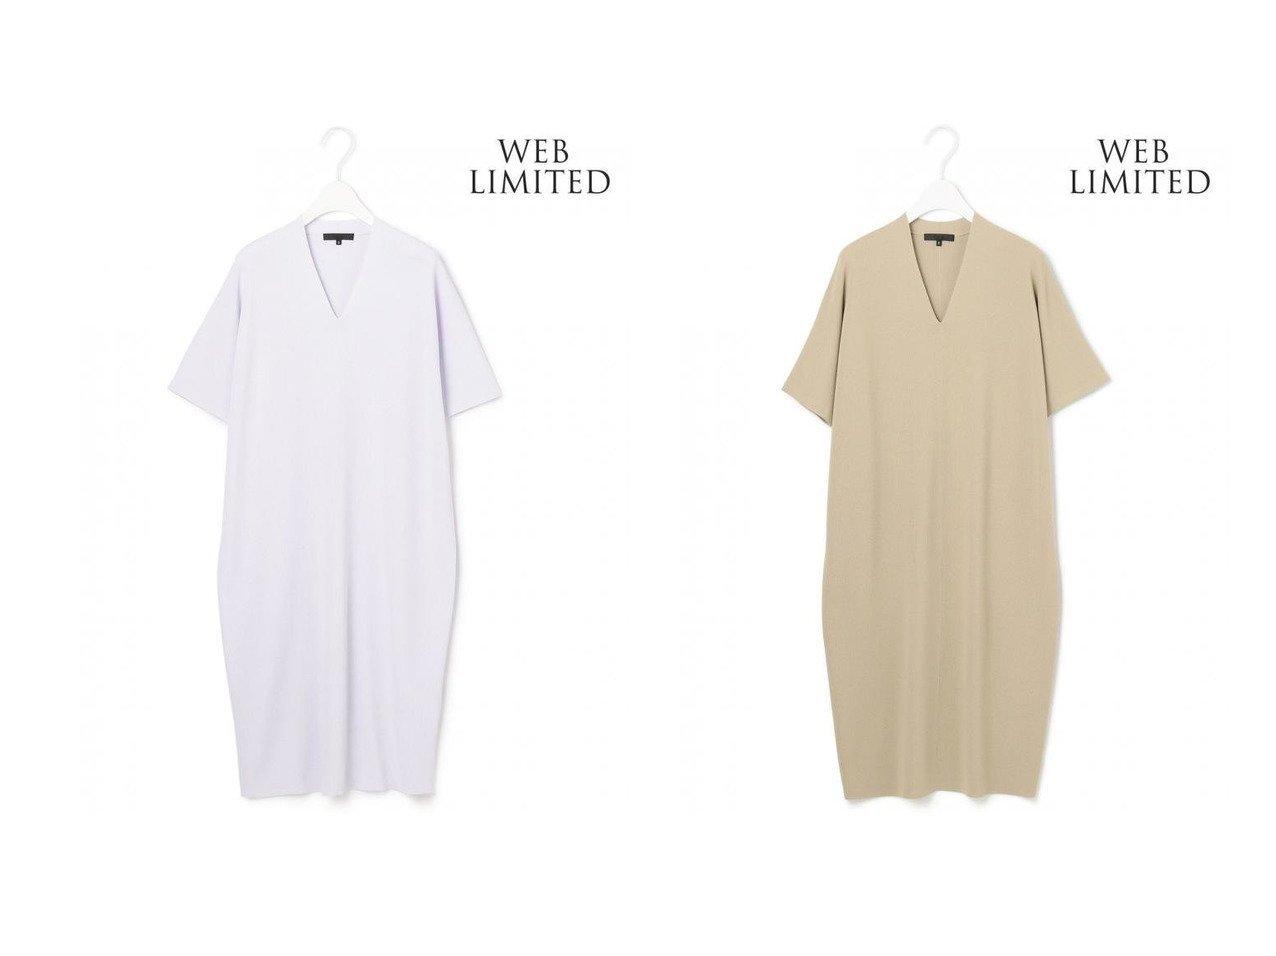 【iCB/アイシービー】の【WEB限定】 Synthetic FullNeedle ワンピース iCBのおすすめ!人気、トレンド・レディースファッションの通販  おすすめで人気の流行・トレンド、ファッションの通販商品 メンズファッション・キッズファッション・インテリア・家具・レディースファッション・服の通販 founy(ファニー) https://founy.com/ ファッション Fashion レディースファッション WOMEN ワンピース Dress 春 Spring シンプル ジャケット ストレッチ 定番 Standard ベーシック リラックス 2021年 2021 S/S 春夏 SS Spring/Summer 2021 春夏 S/S SS Spring/Summer 2021 NEW・新作・新着・新入荷 New Arrivals |ID:crp329100000022107